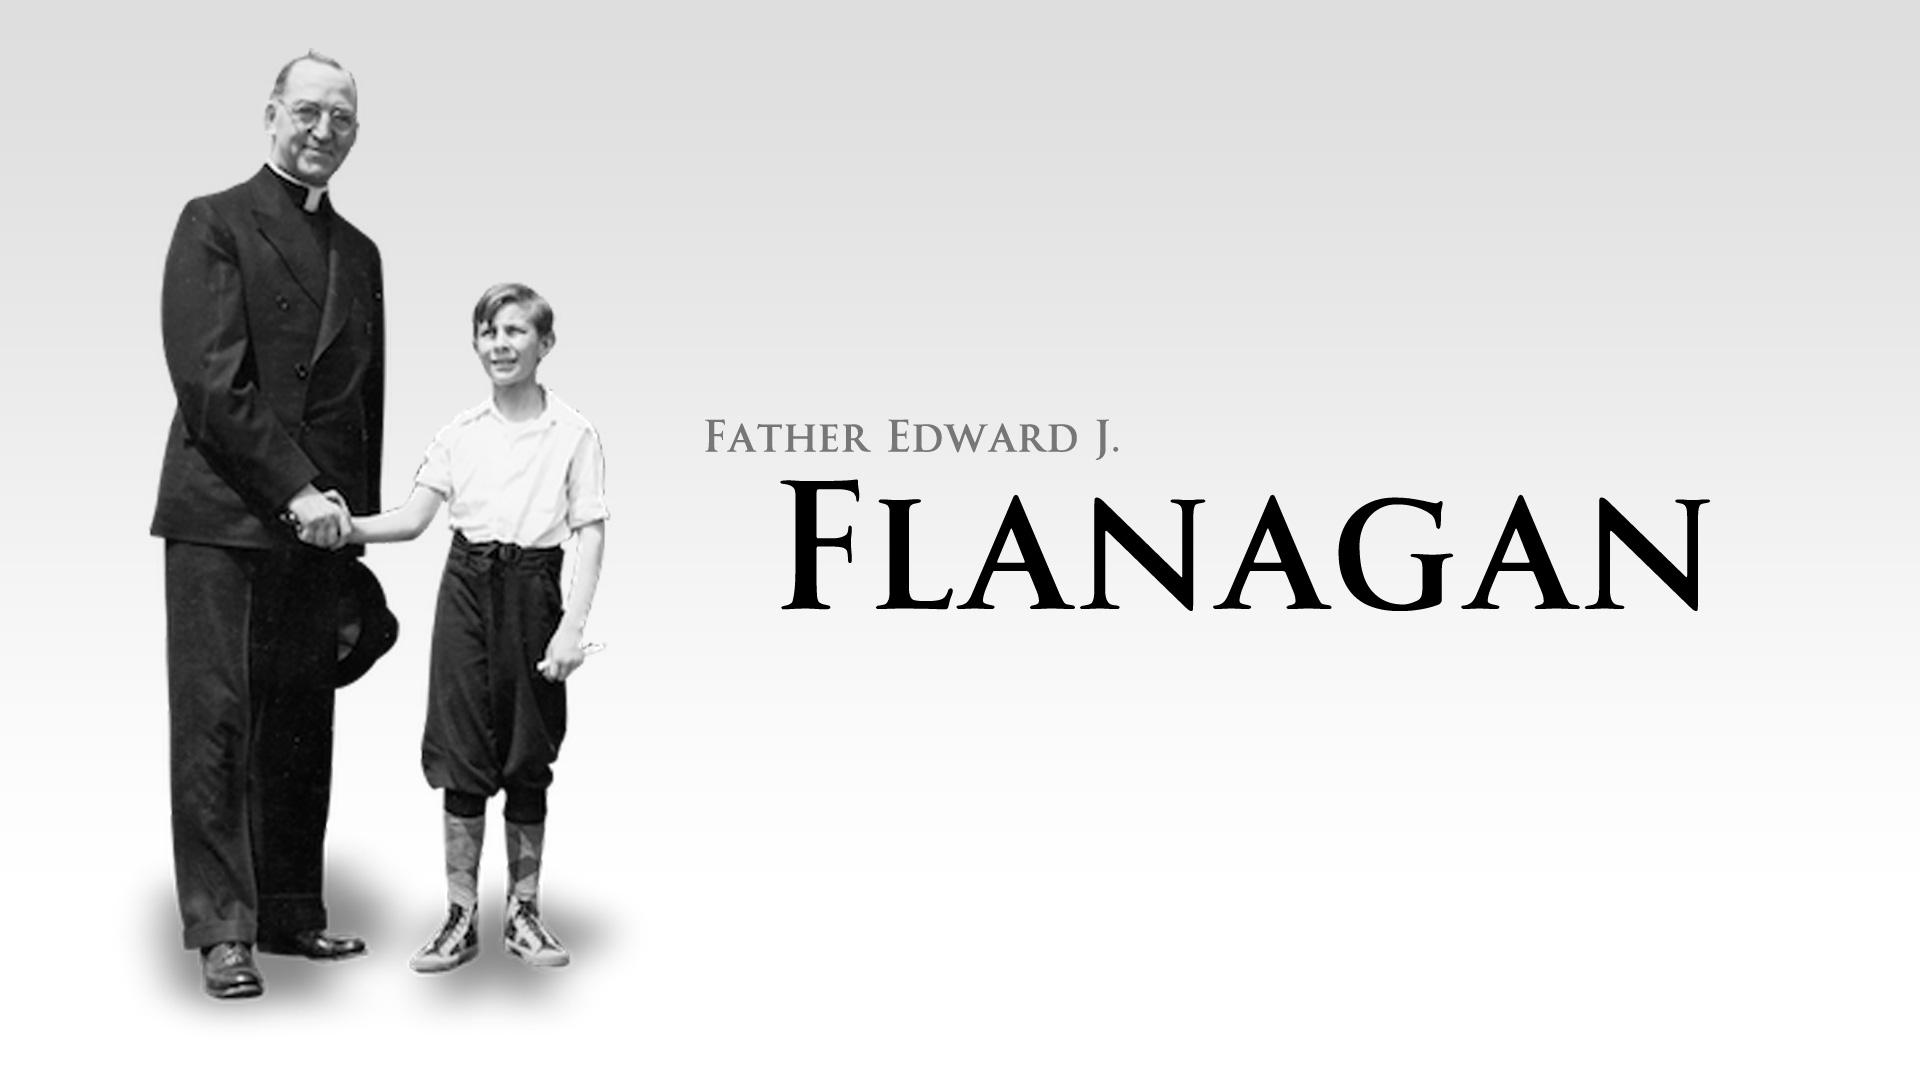 Flanagan-Thumbnail-smlletters.png